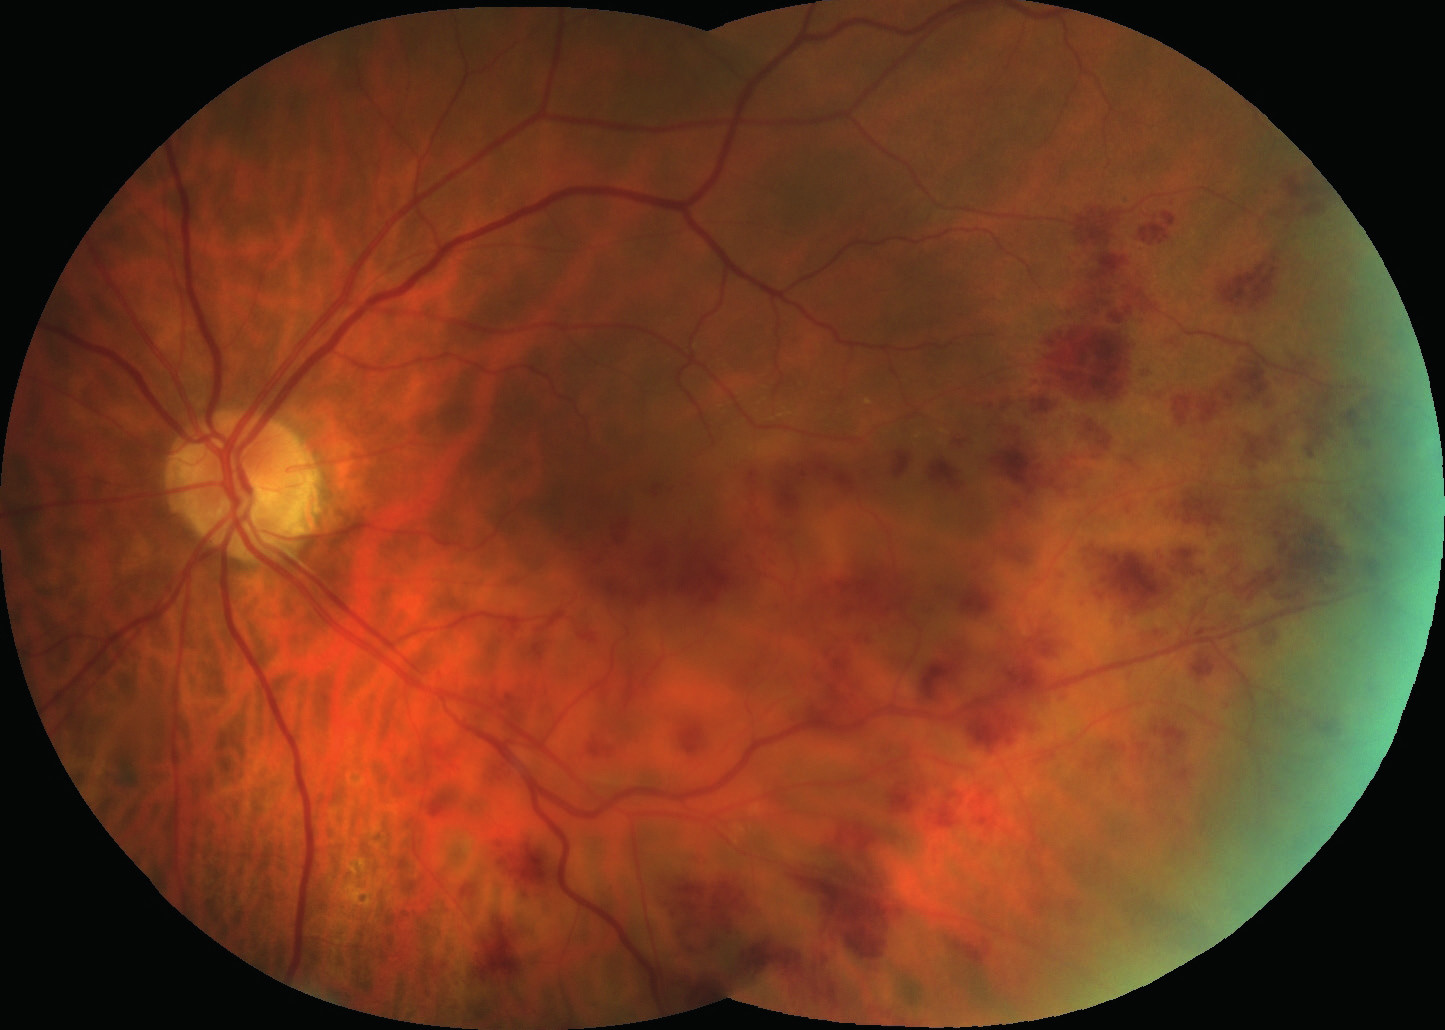 Ústup otoku a hemoragií sítnice dolního temporálního kvadrantu sítnice OL po opakované léčbě OZURDEXEM